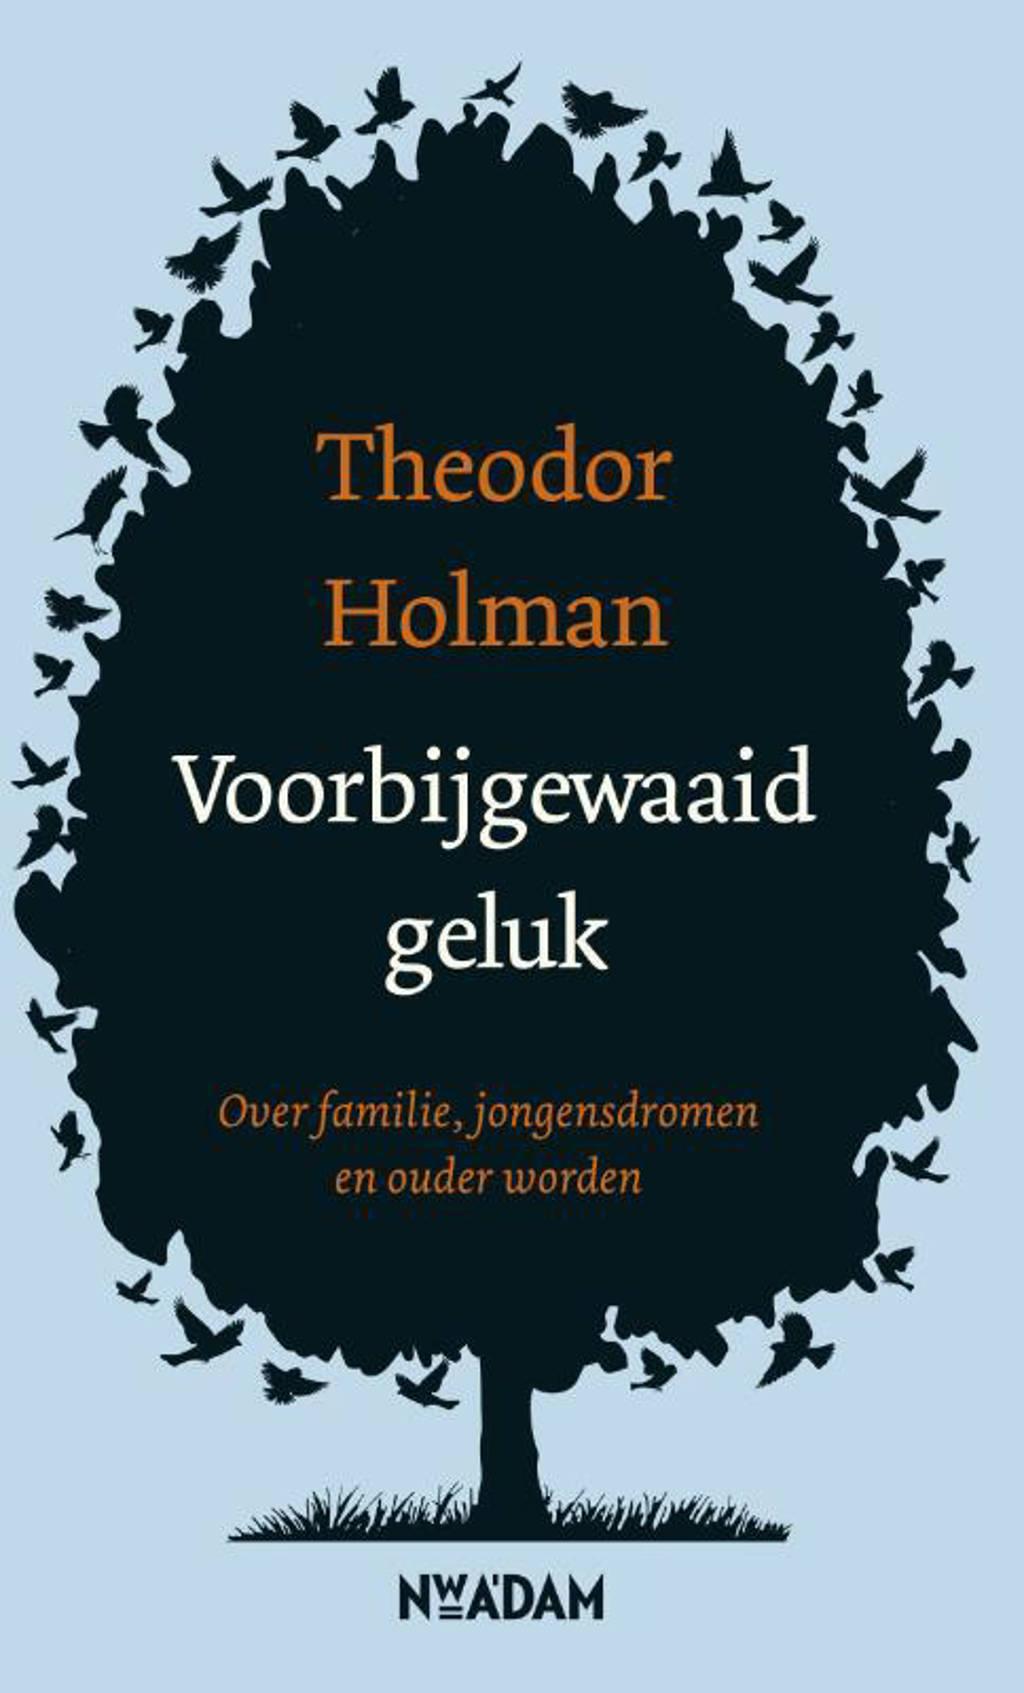 Voorbijgewaaid geluk - Theodor Holman